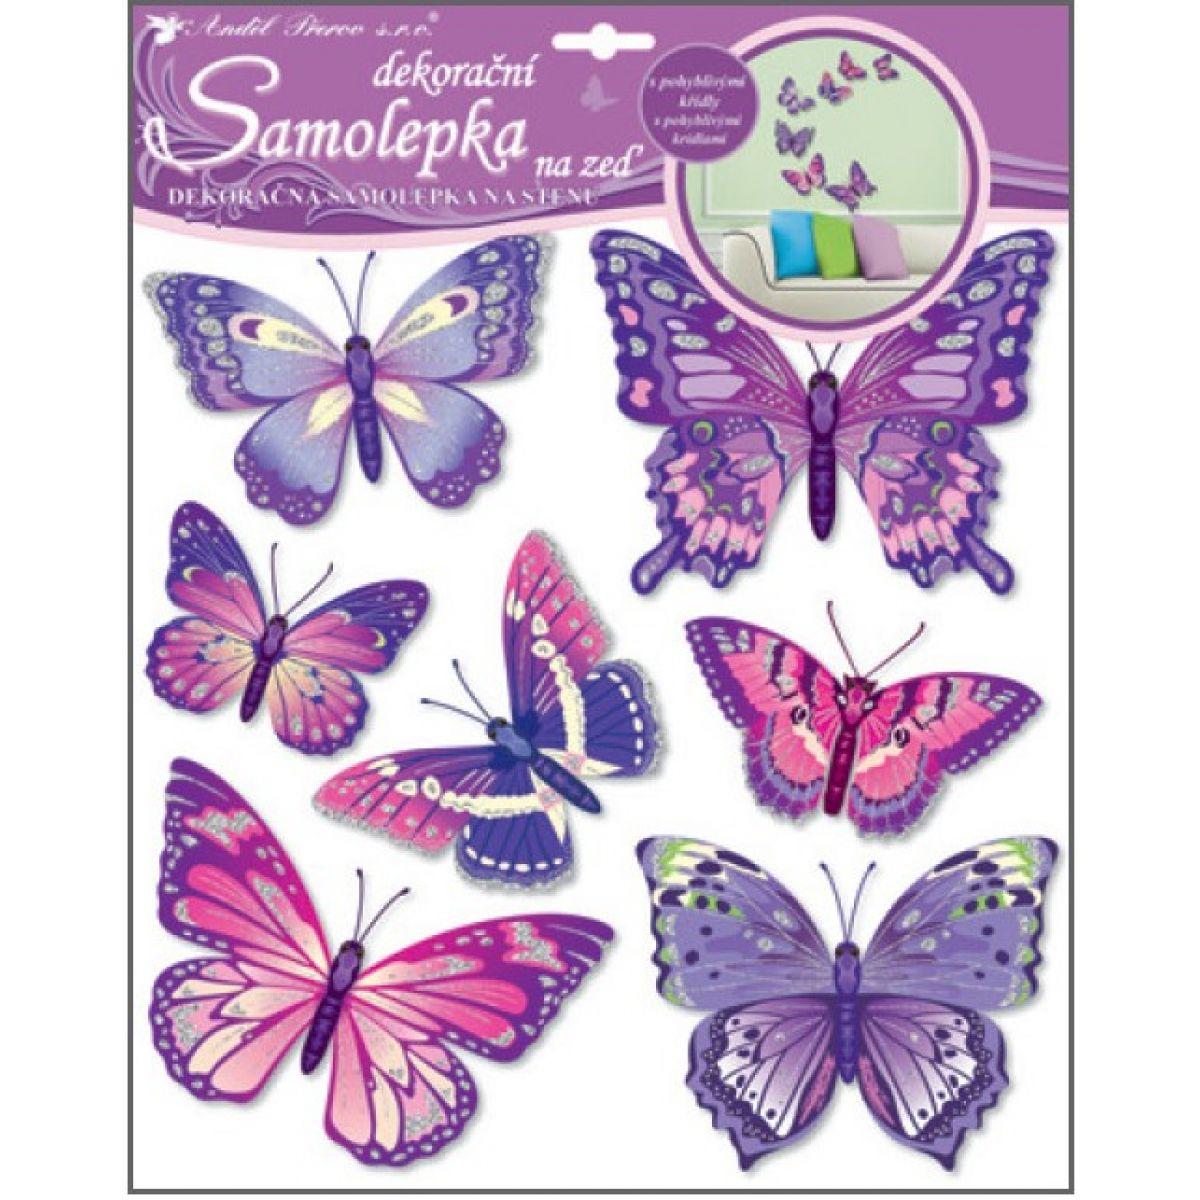 Anděl 10162 Samolepky na zeď motýli fialoví 38x31 cm